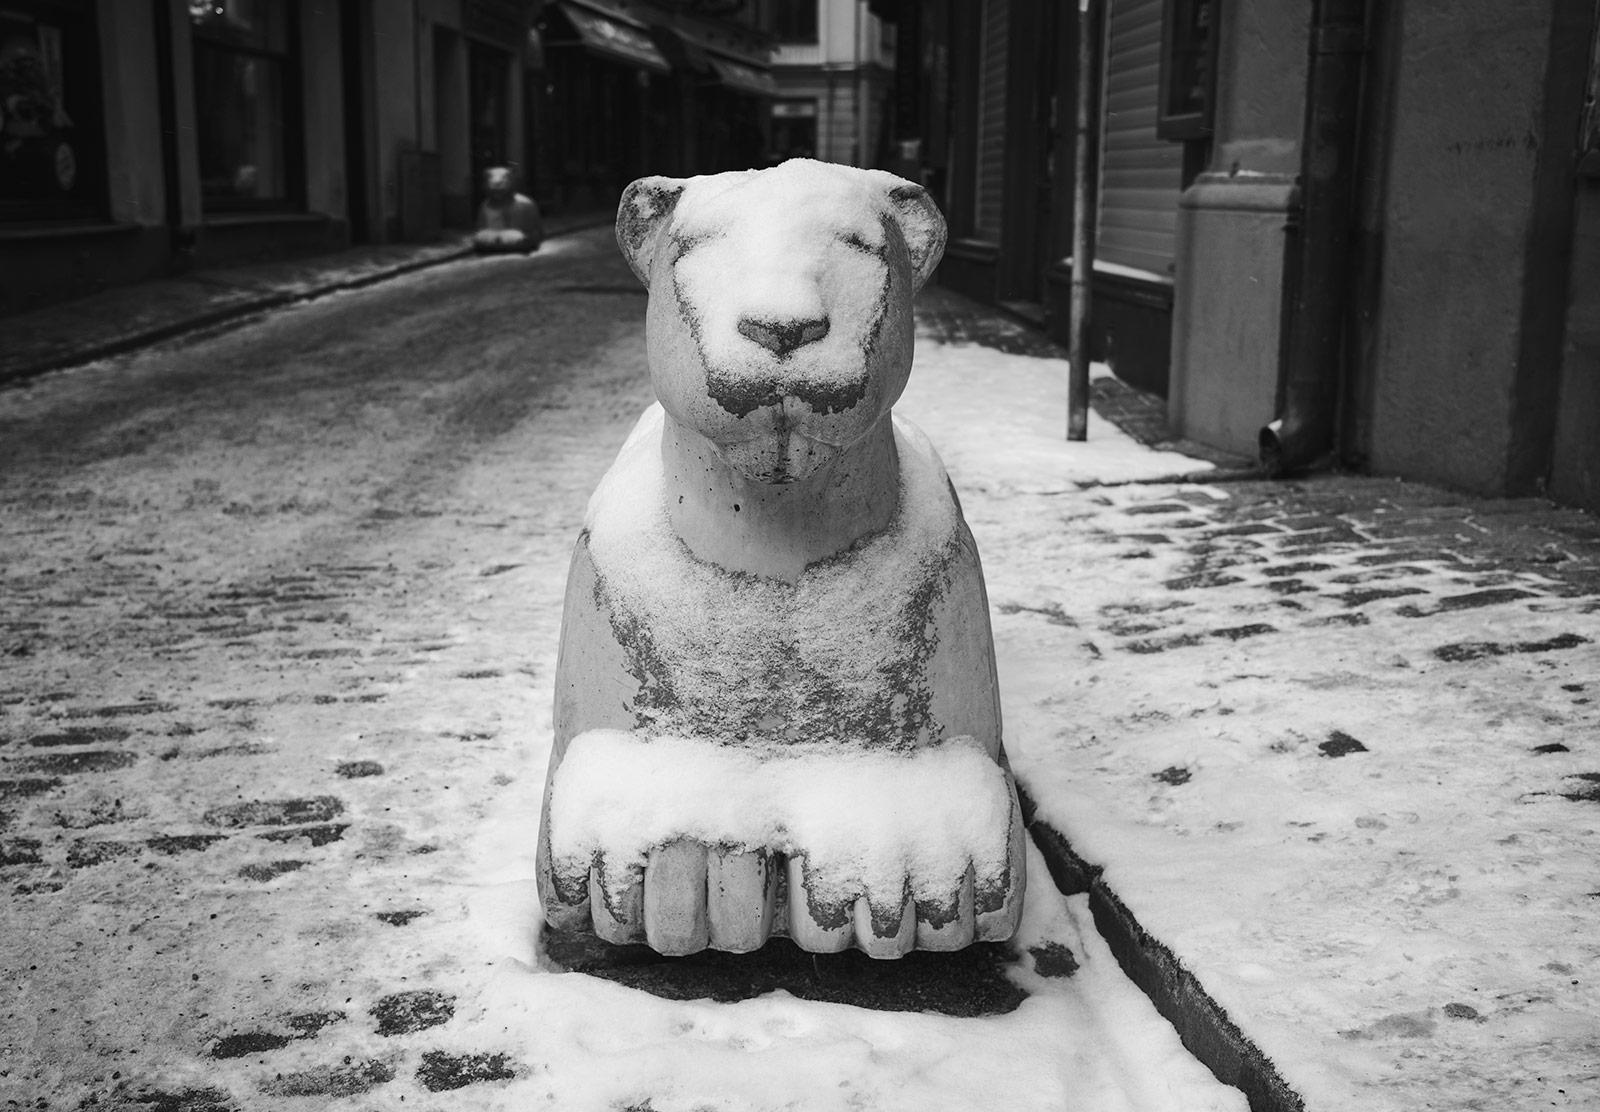 Snow on concrete lion